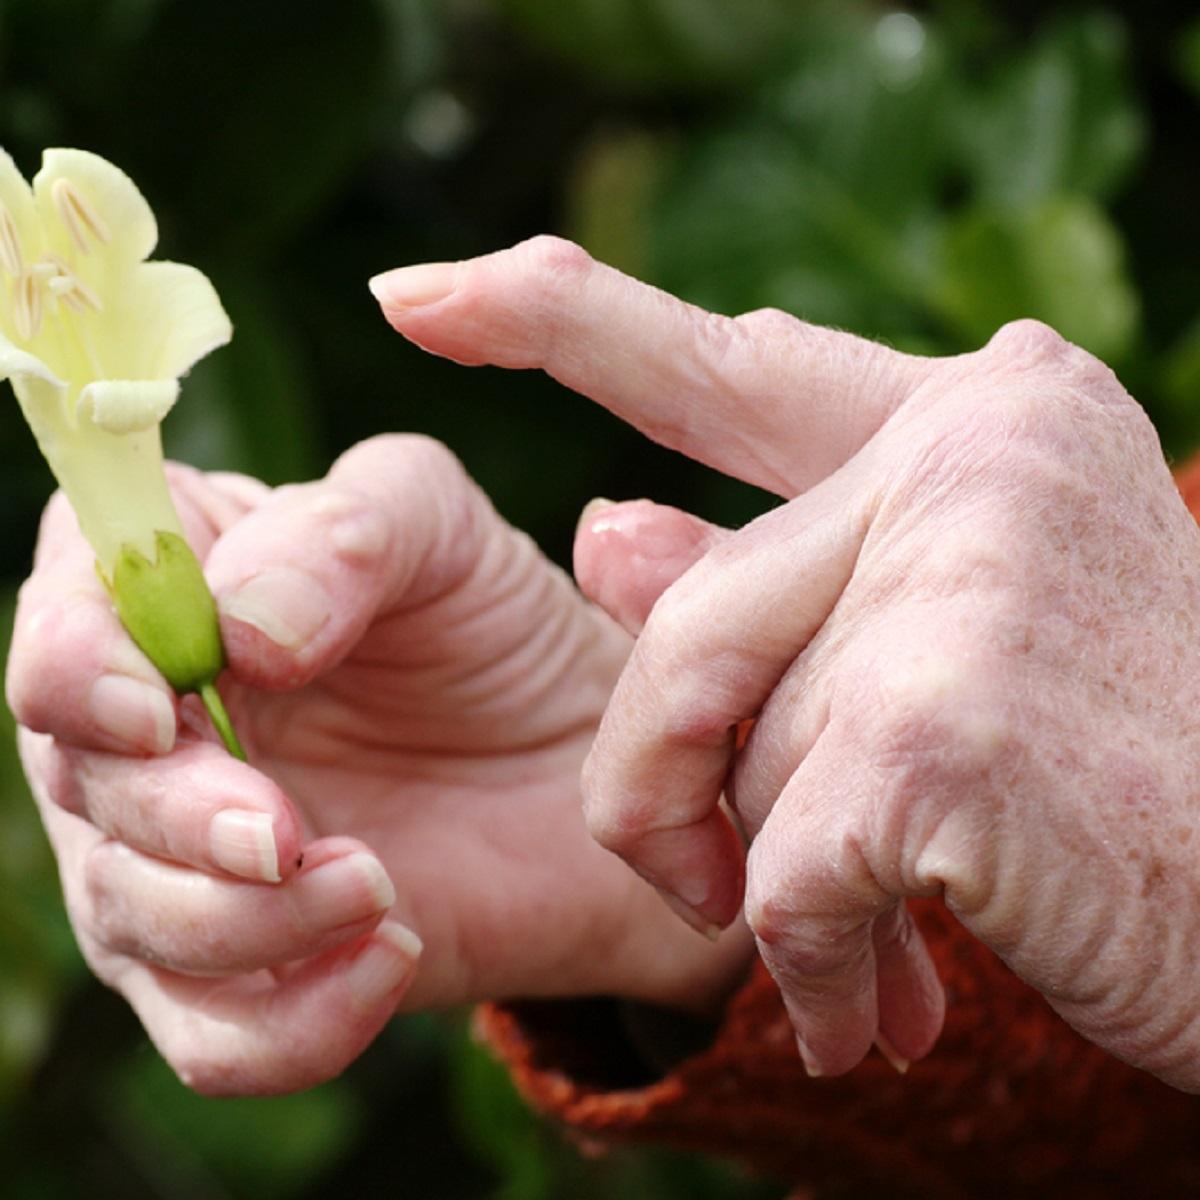 Eemaldamatute liigeste ravi artriit Kasi valutab harjast